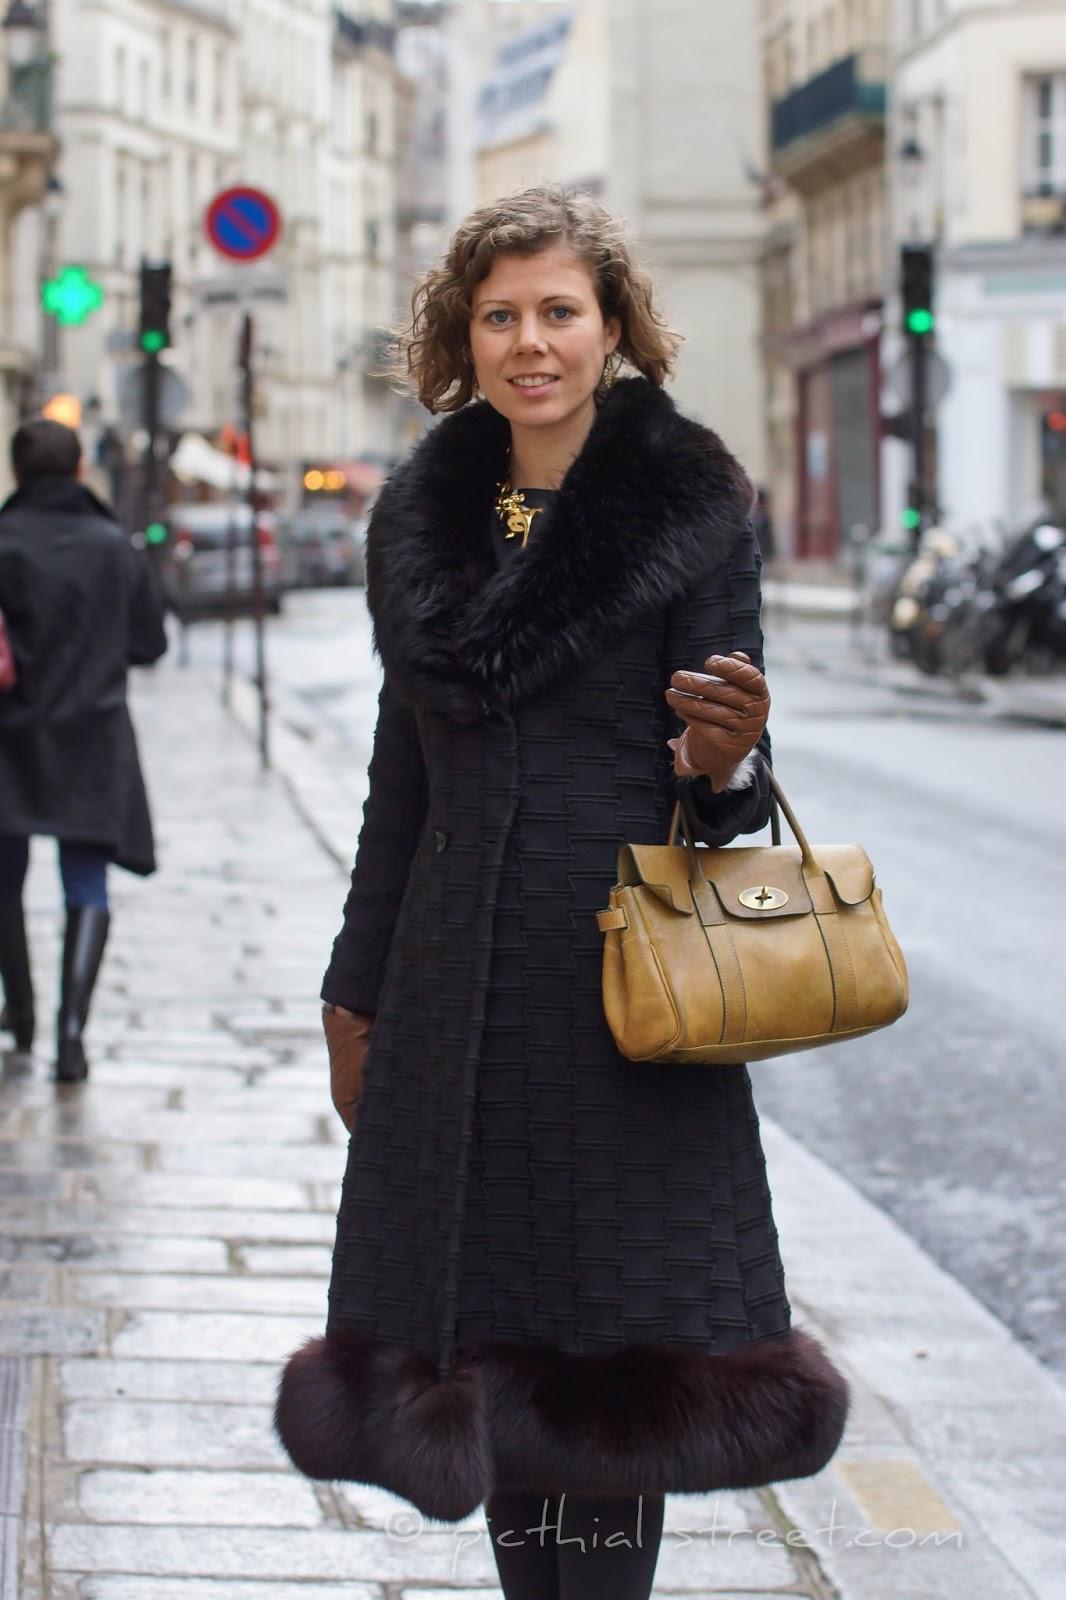 Julie Johansen